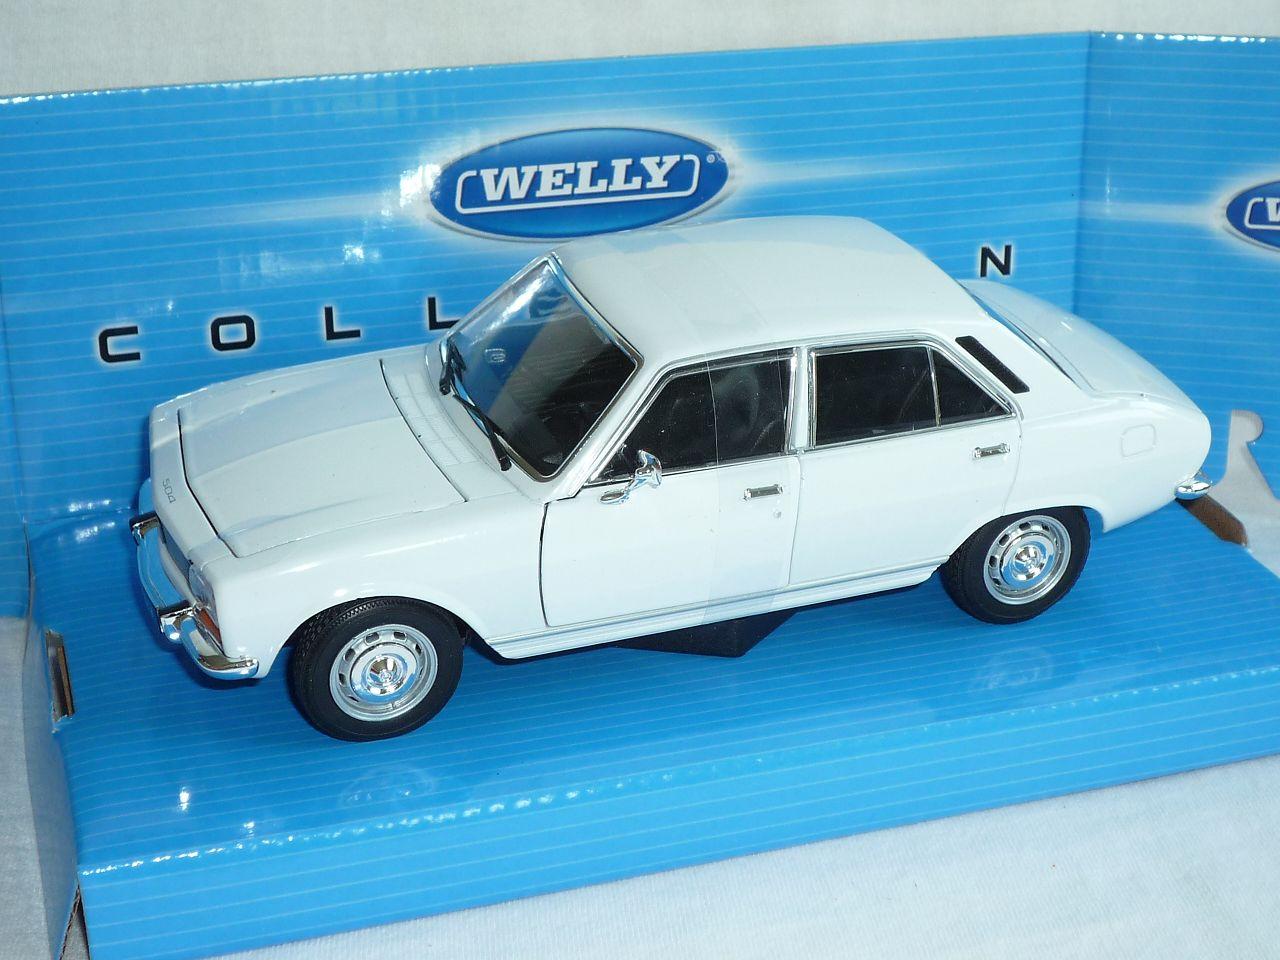 PEUGEOT-504-BERLINA-BIANCO-1975-1-24-Welly-Modello-Auto-con-o-senza-individi